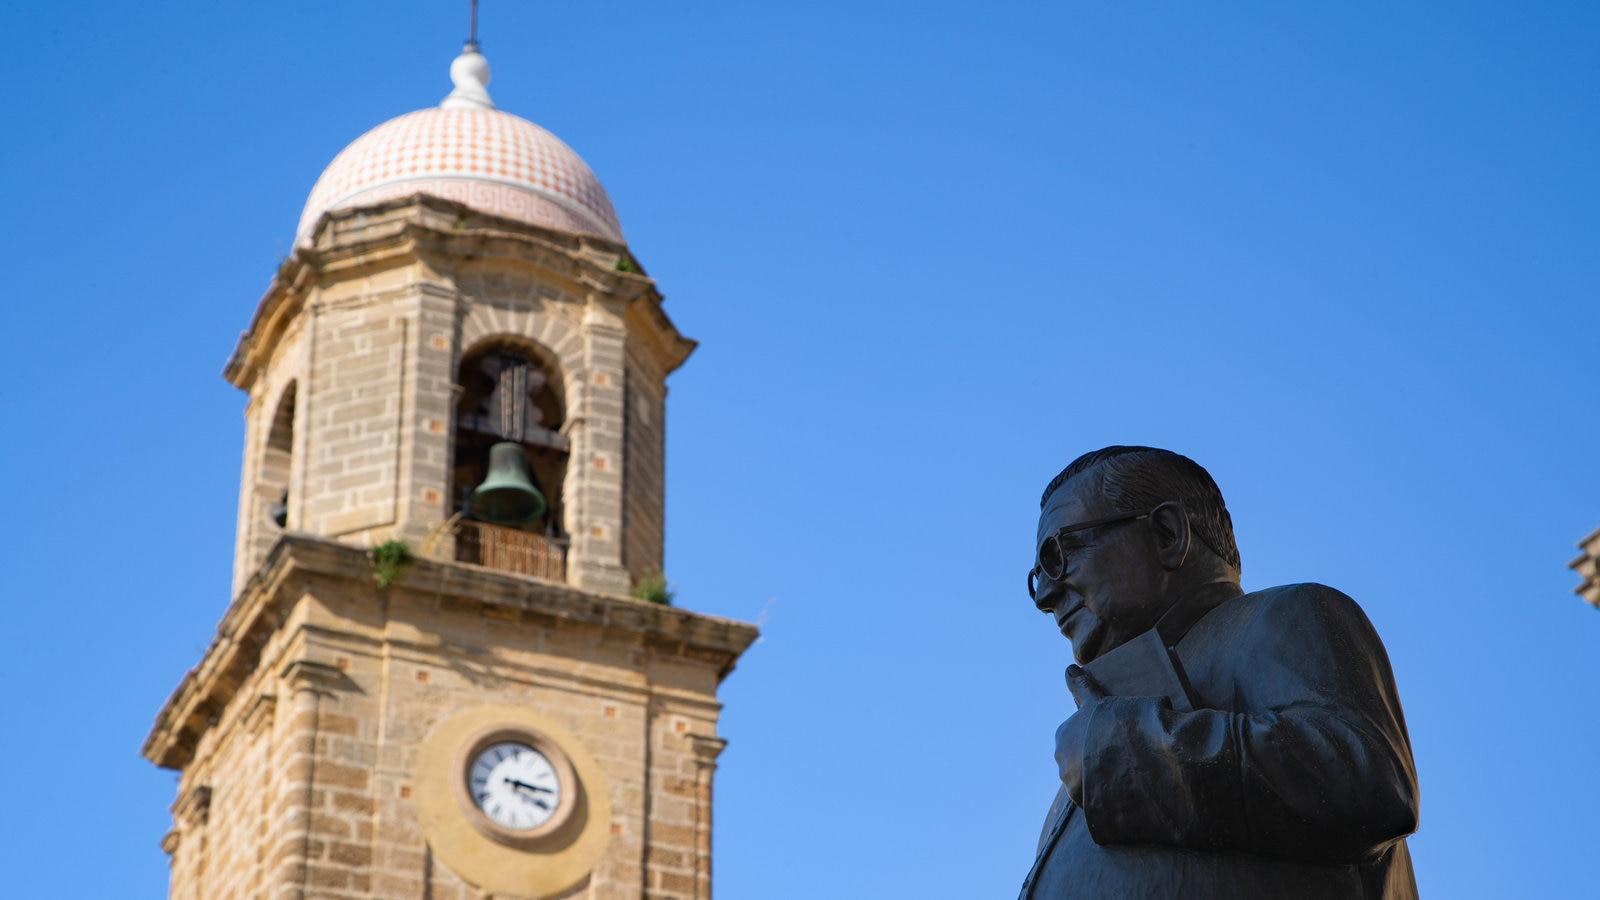 Torre del reloj mostrando una estatua o escultura y elementos del patrimonio